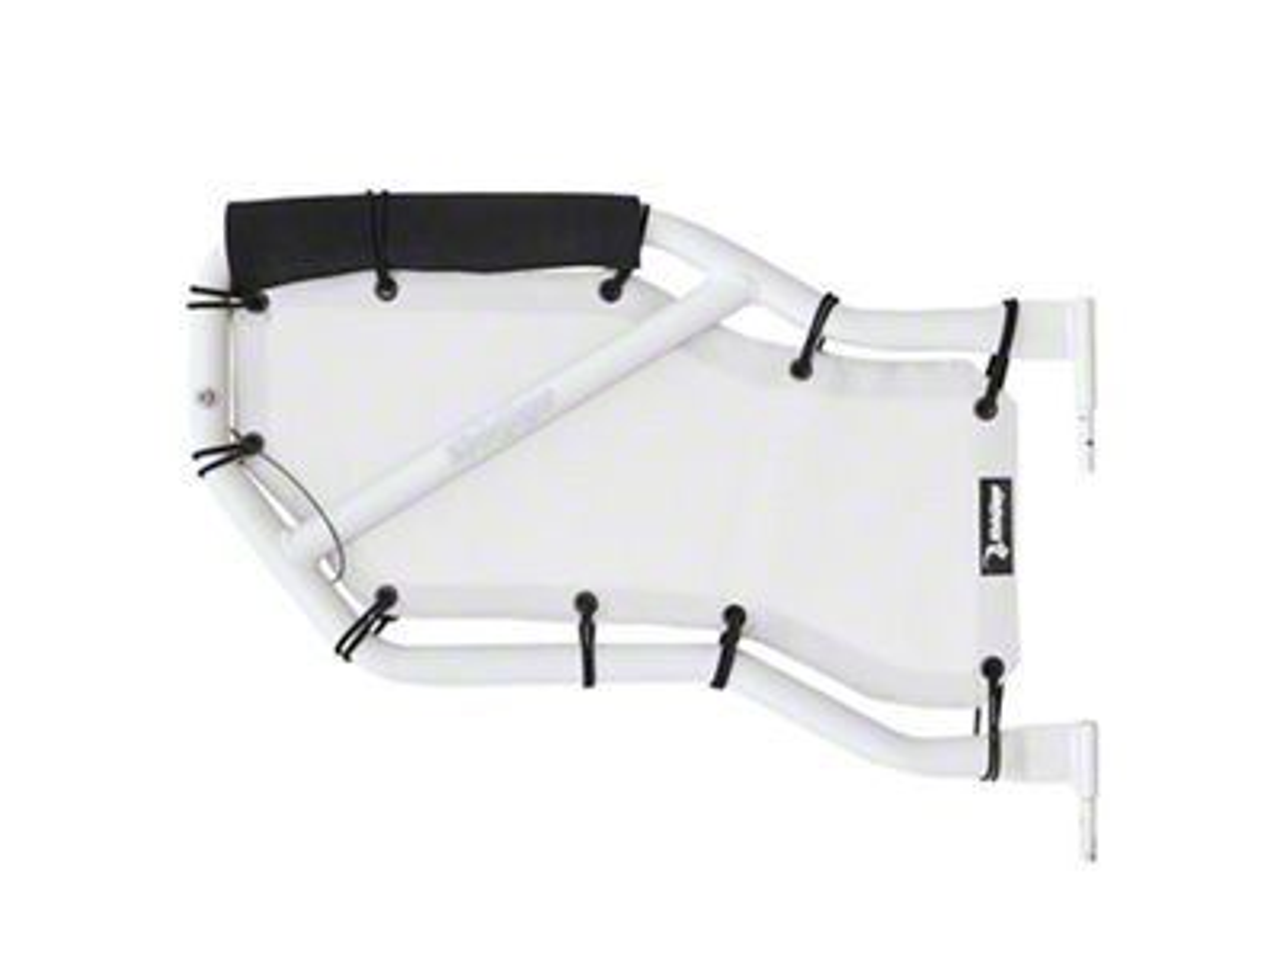 Steinjager Rear Tube Door Covers - White (07-18 Jeep Wrangler JK 4 Door)